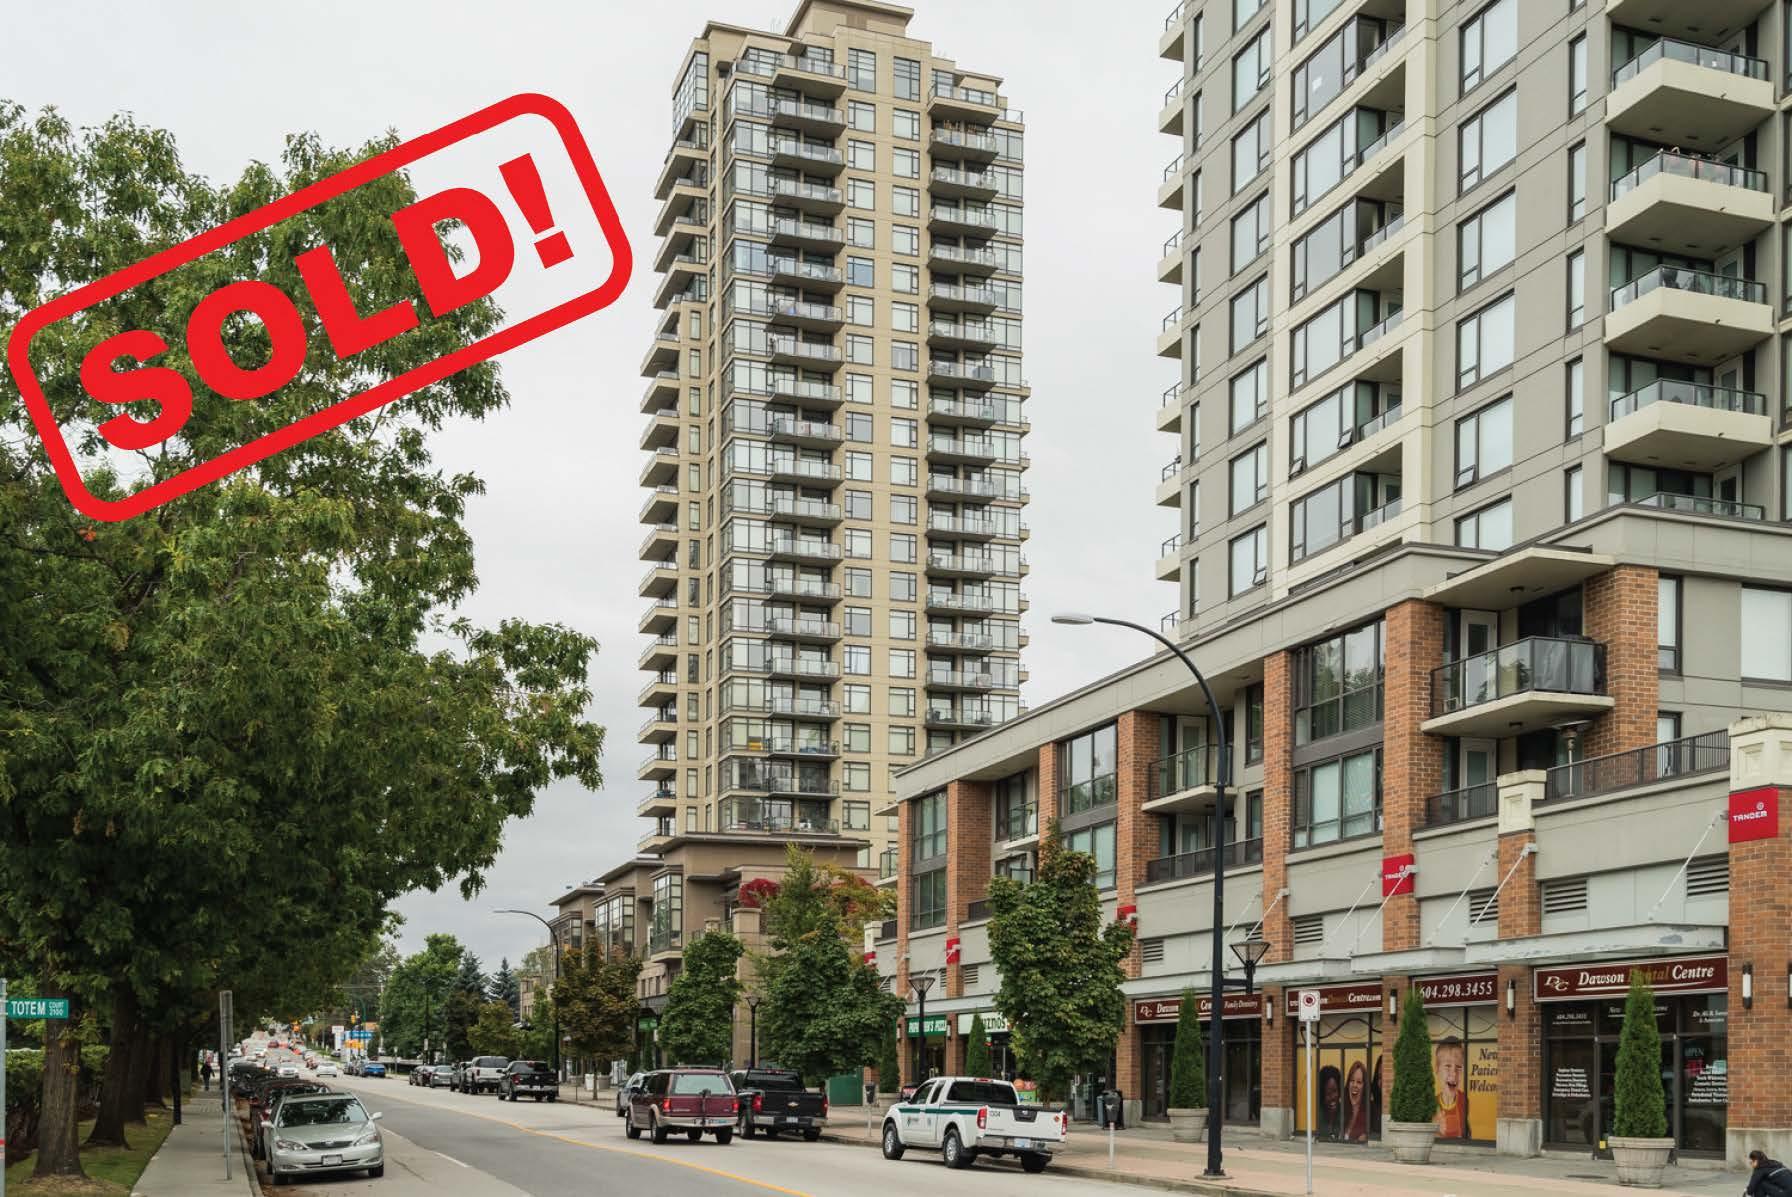 603-4250 Dawson Street   sold for: $705,000  2 Bed | 2 Bath | 887 SF